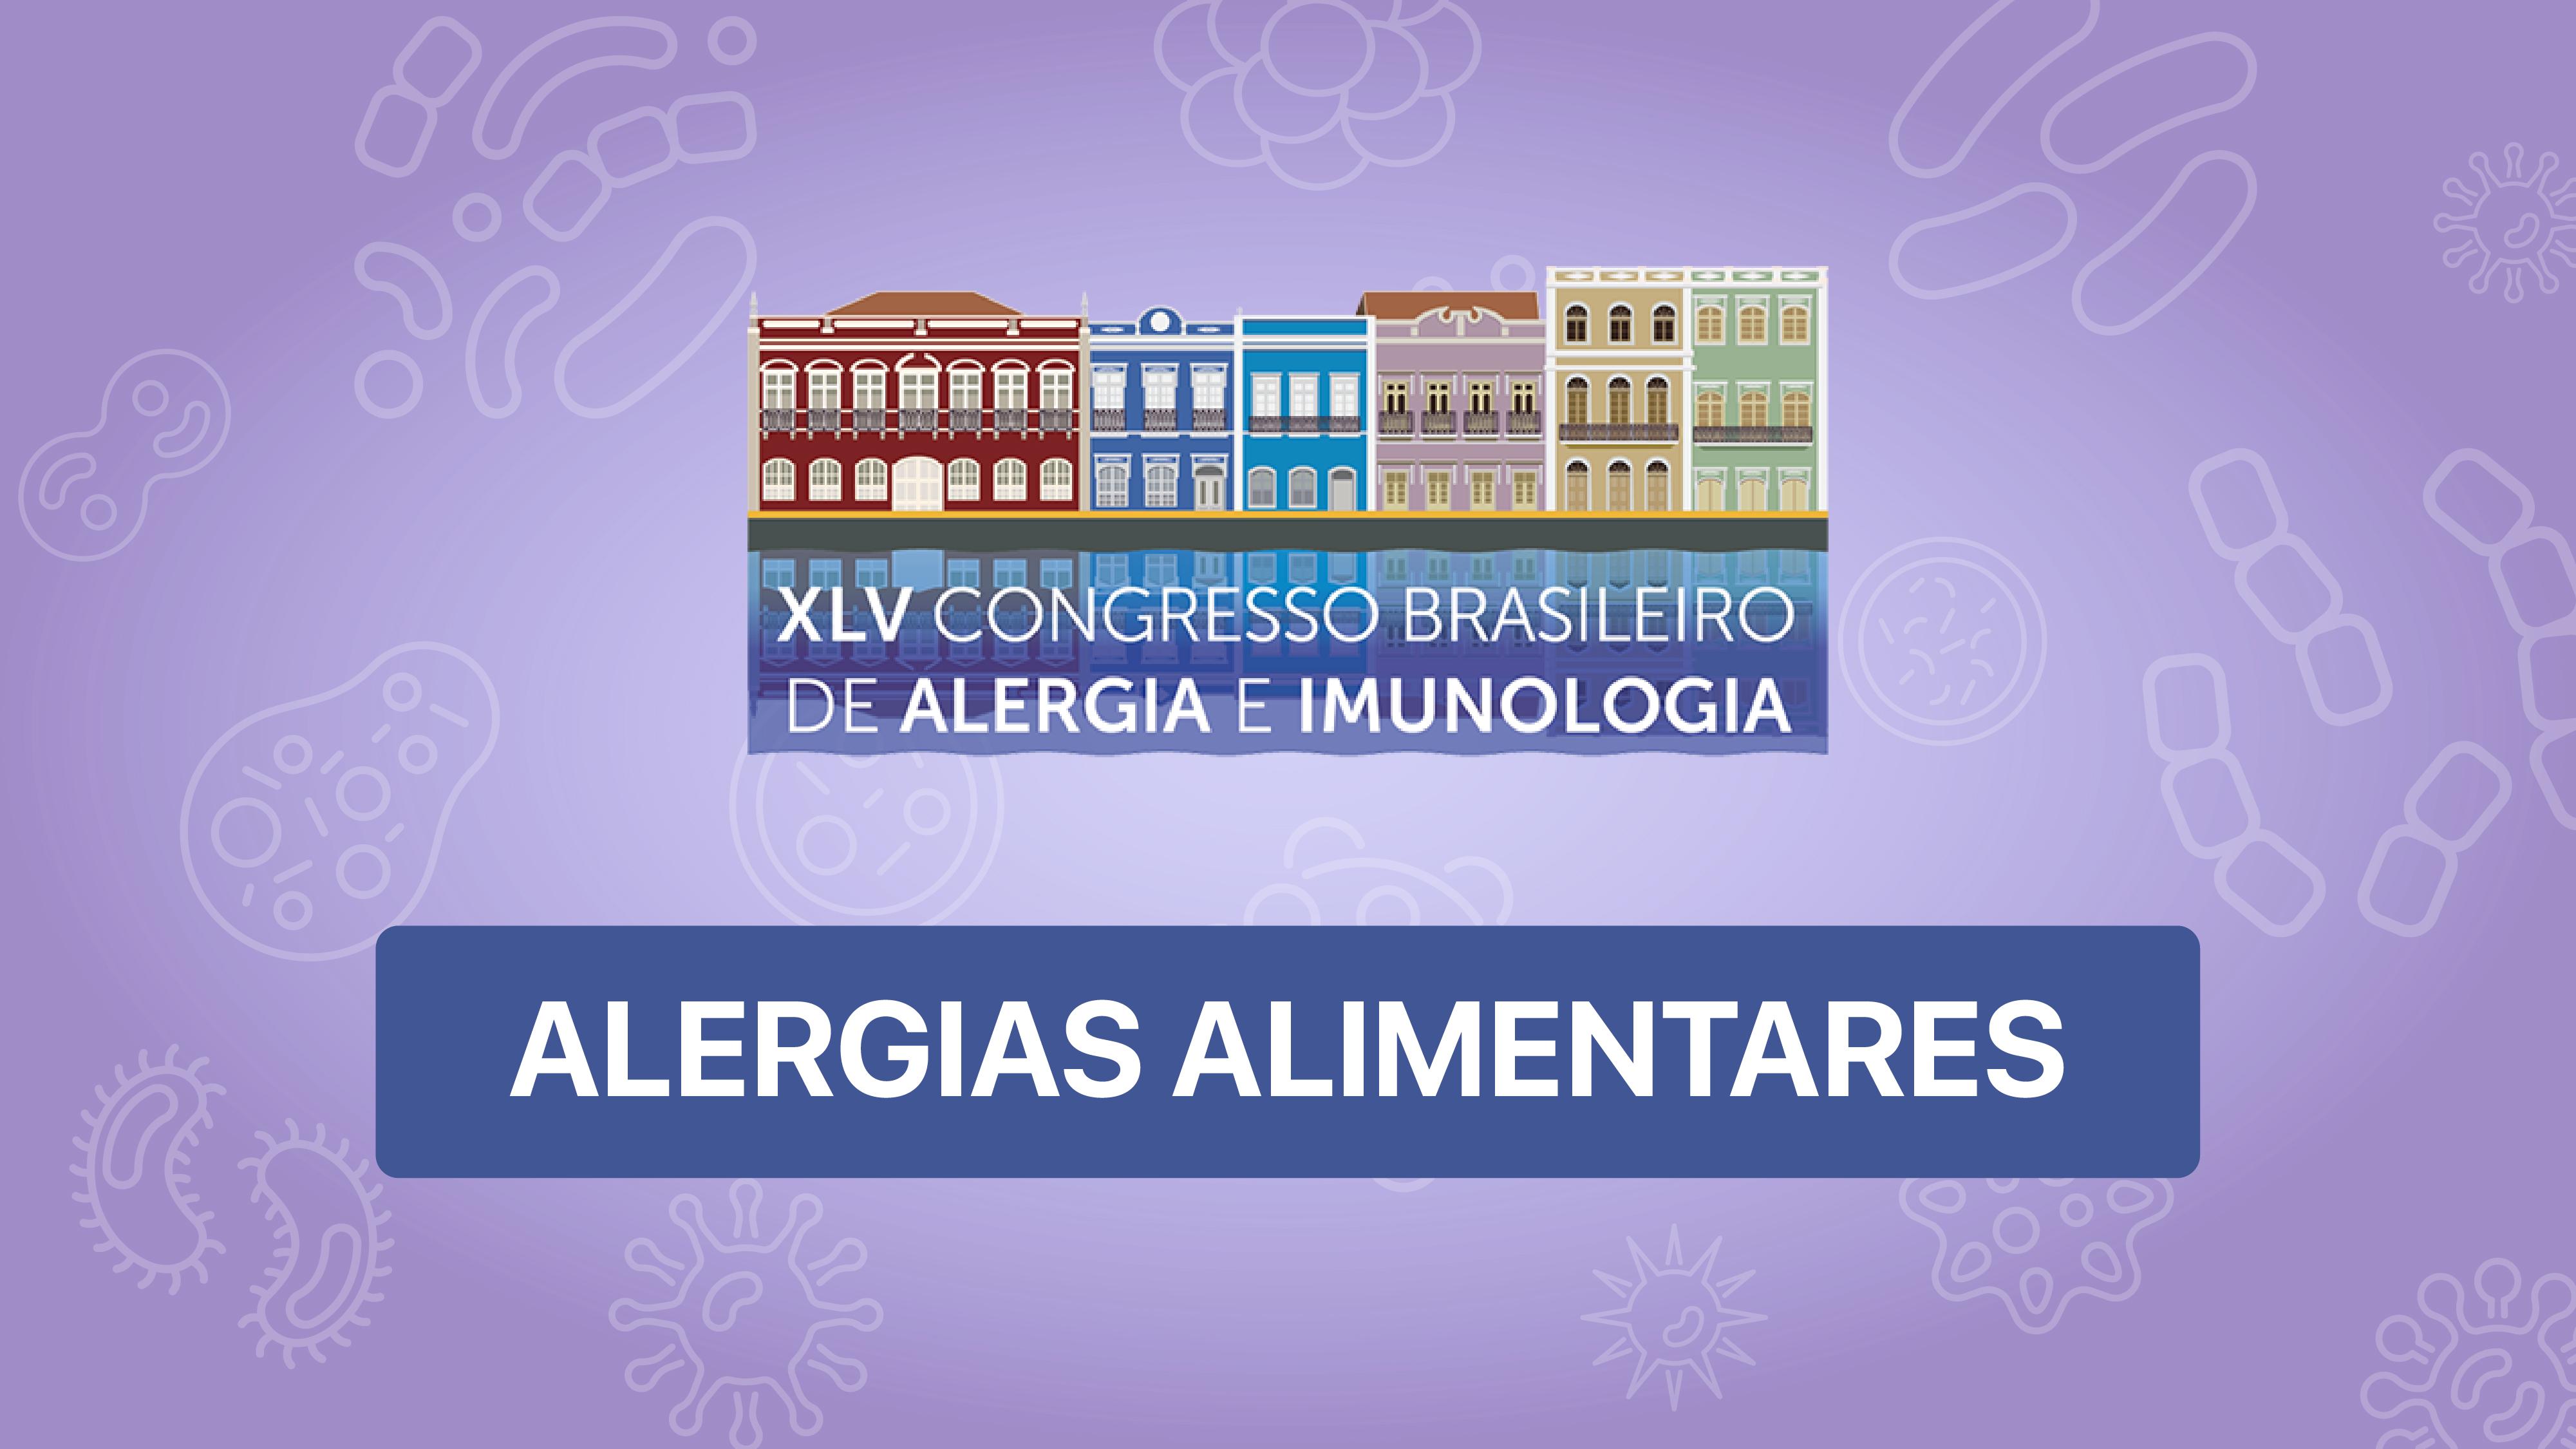 Alergias%20alimentares